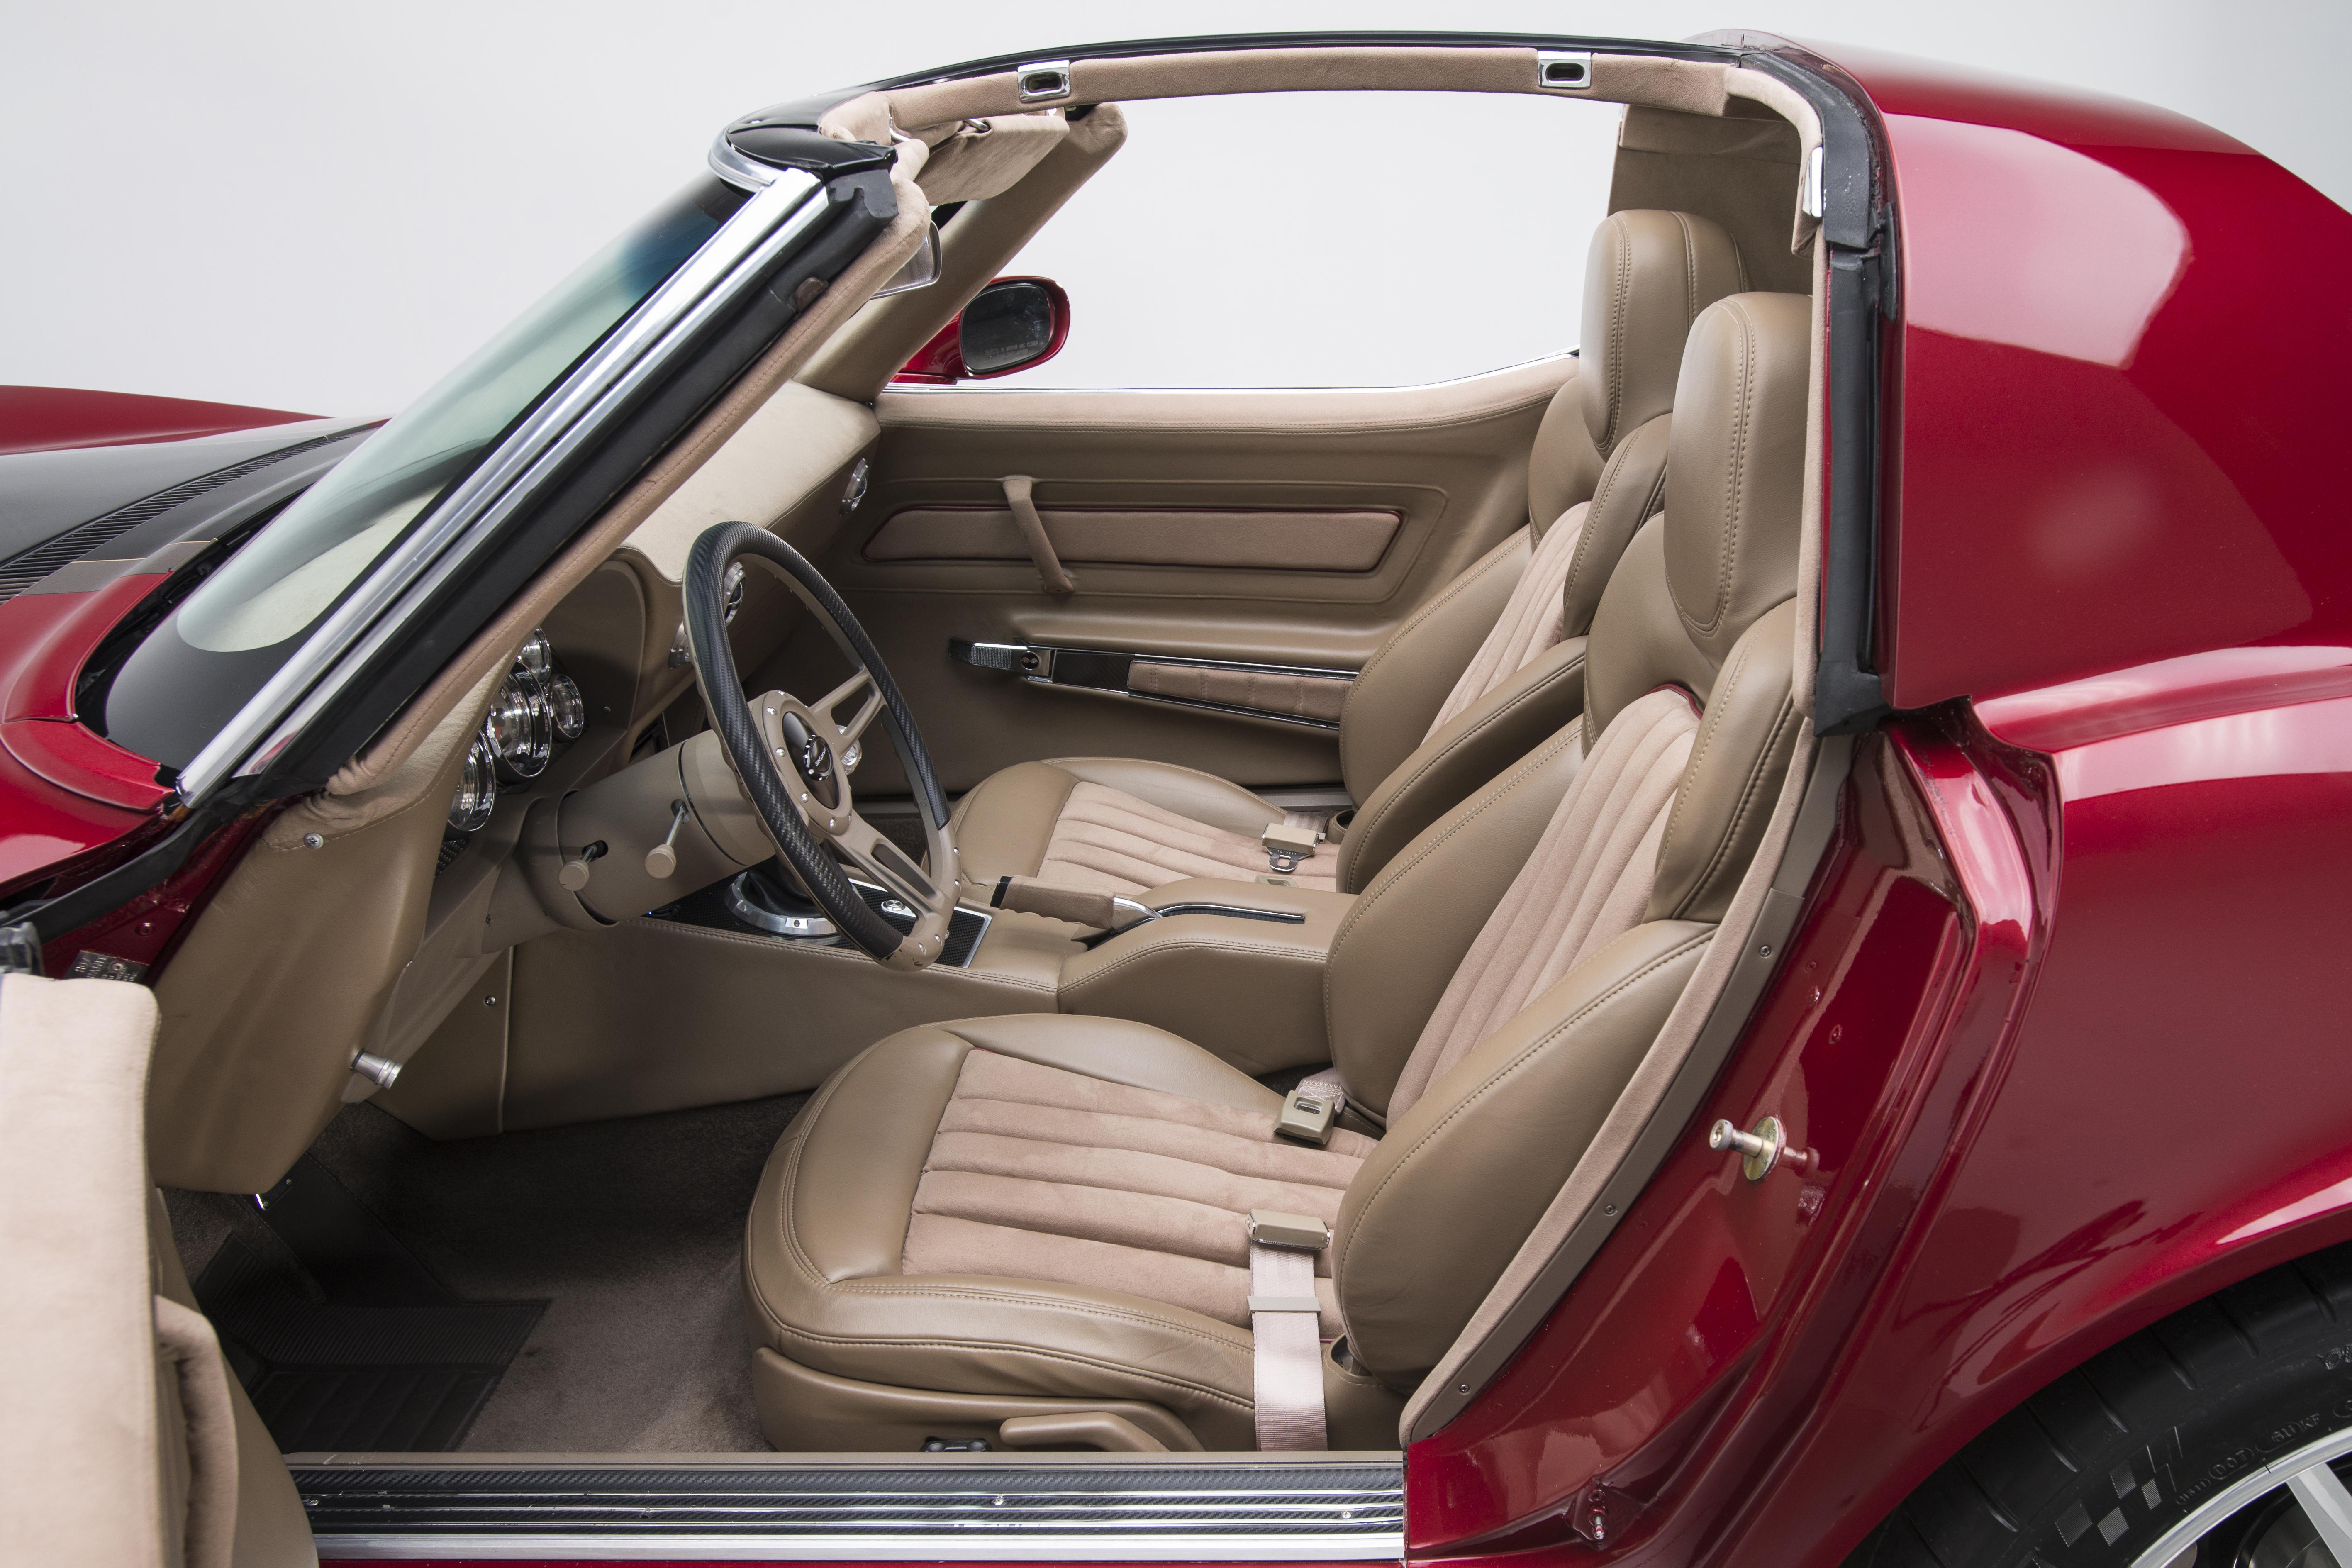 1972 Chevrolet Corvette1972 Chevrolet Corvette #44